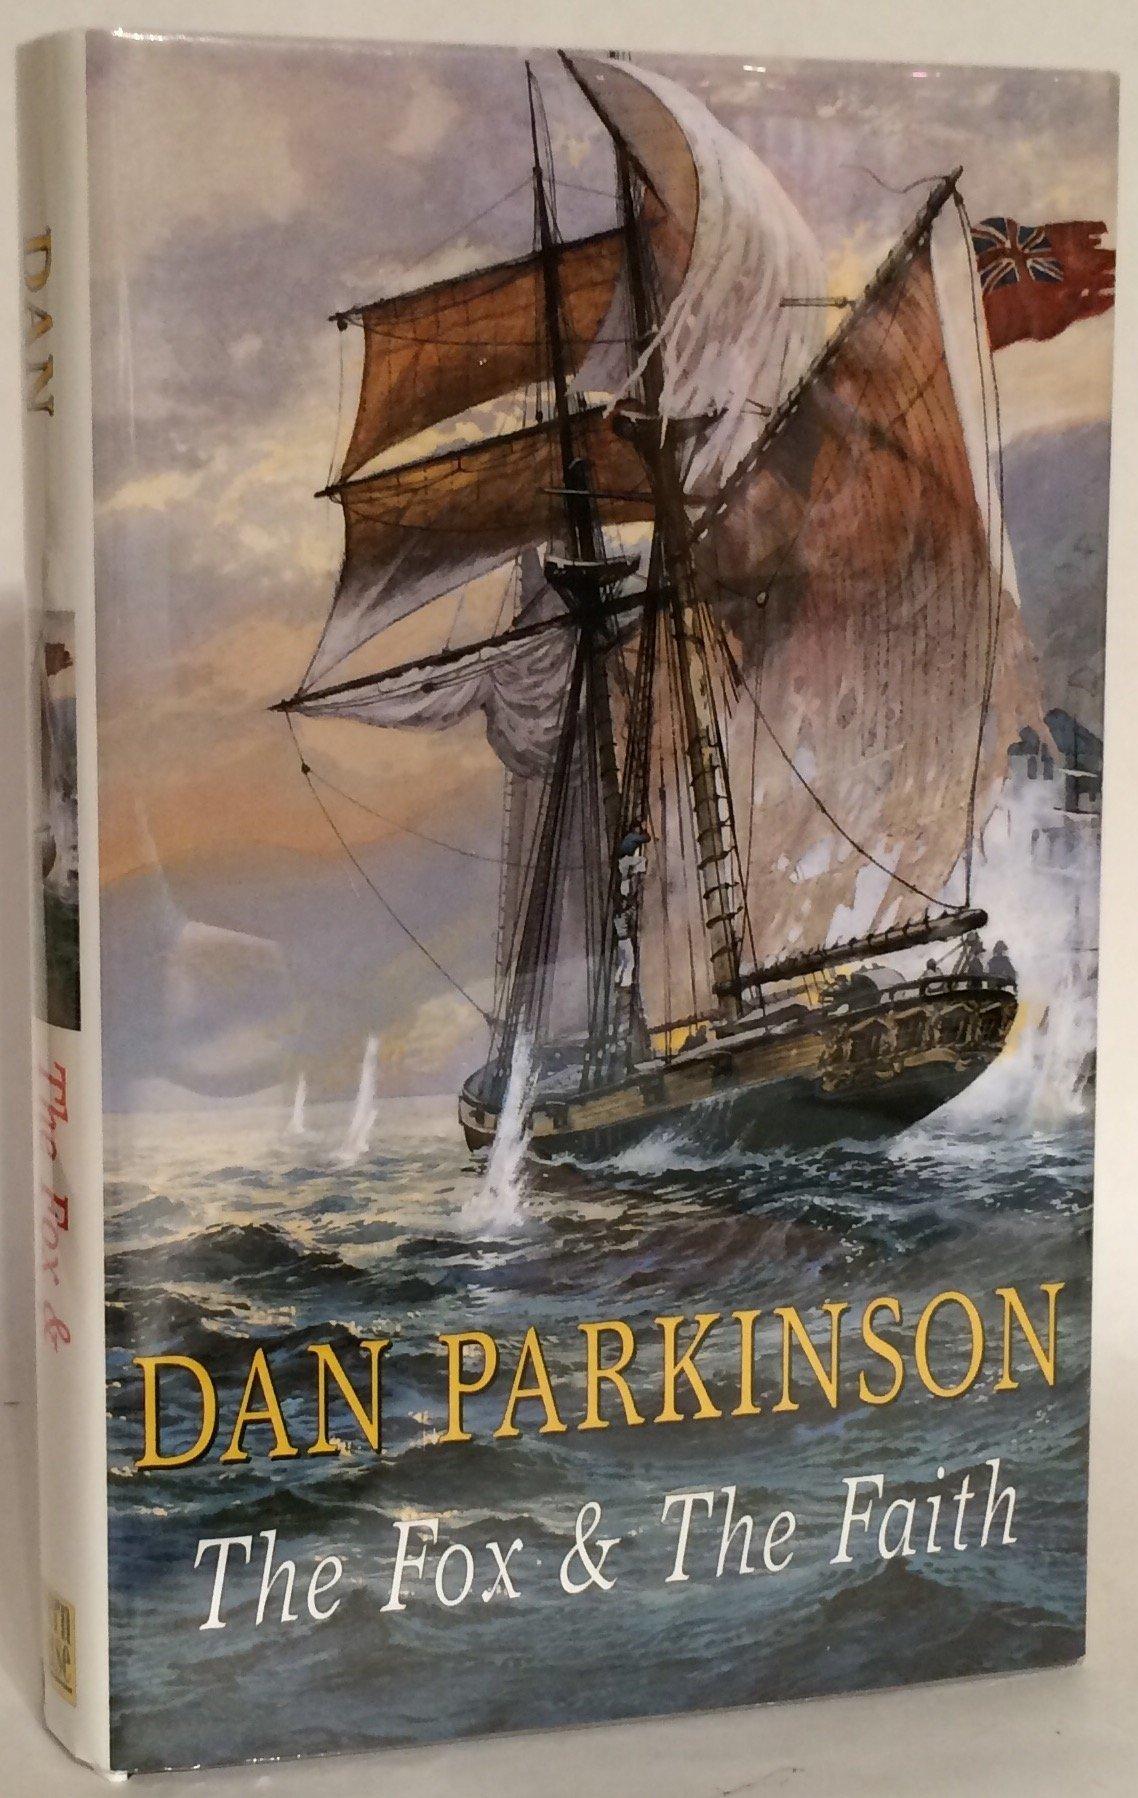 The Fox and the Faith (Fox series): Amazon.co.uk: Dan Parkinson:  9780727822840: Books